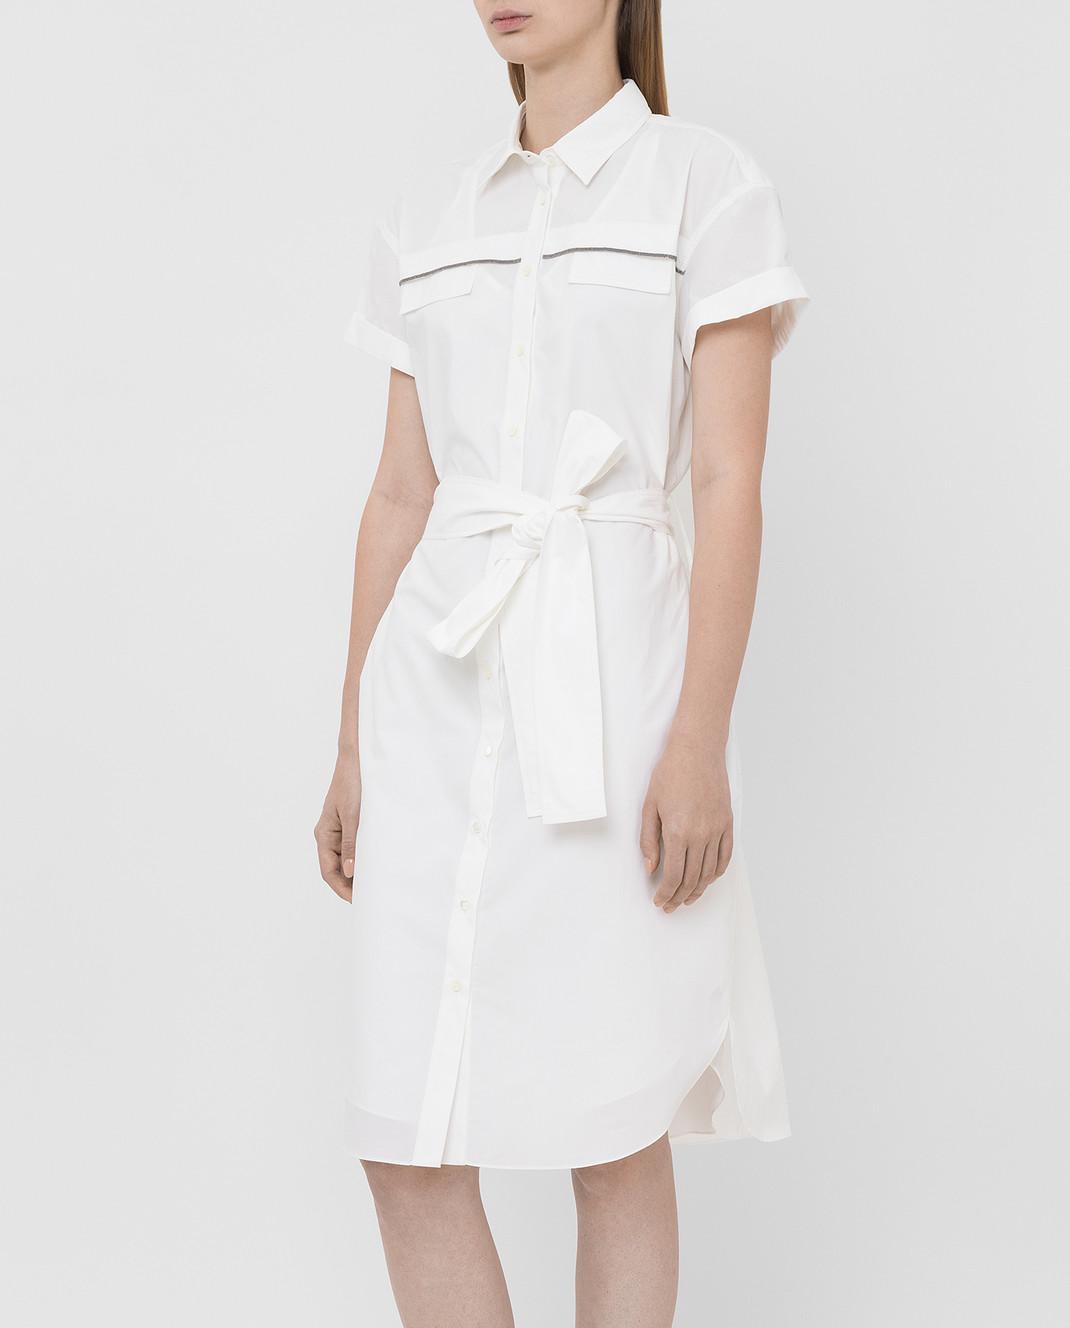 Brunello Cucinelli Белое платье MH127AFM52 изображение 3